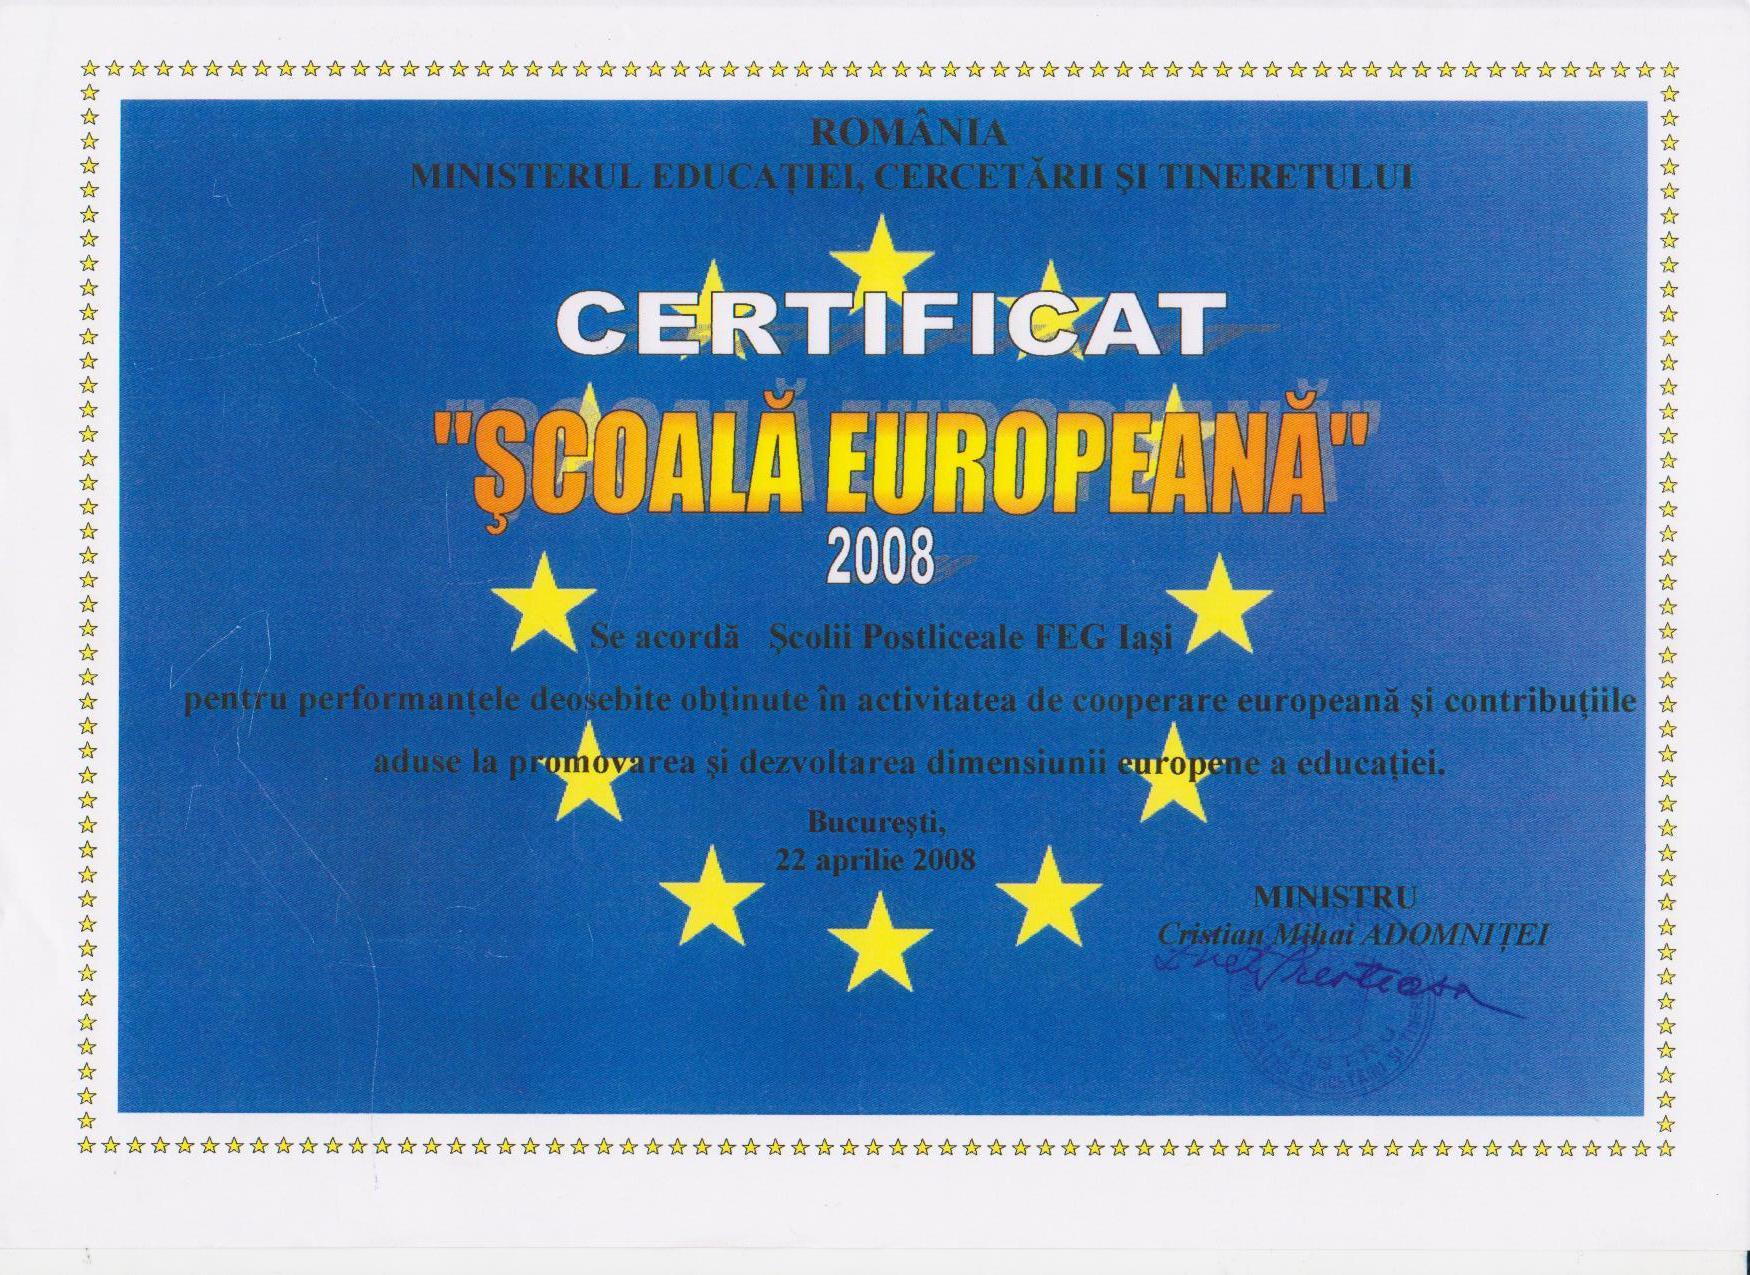 Scoala Europeana 2008